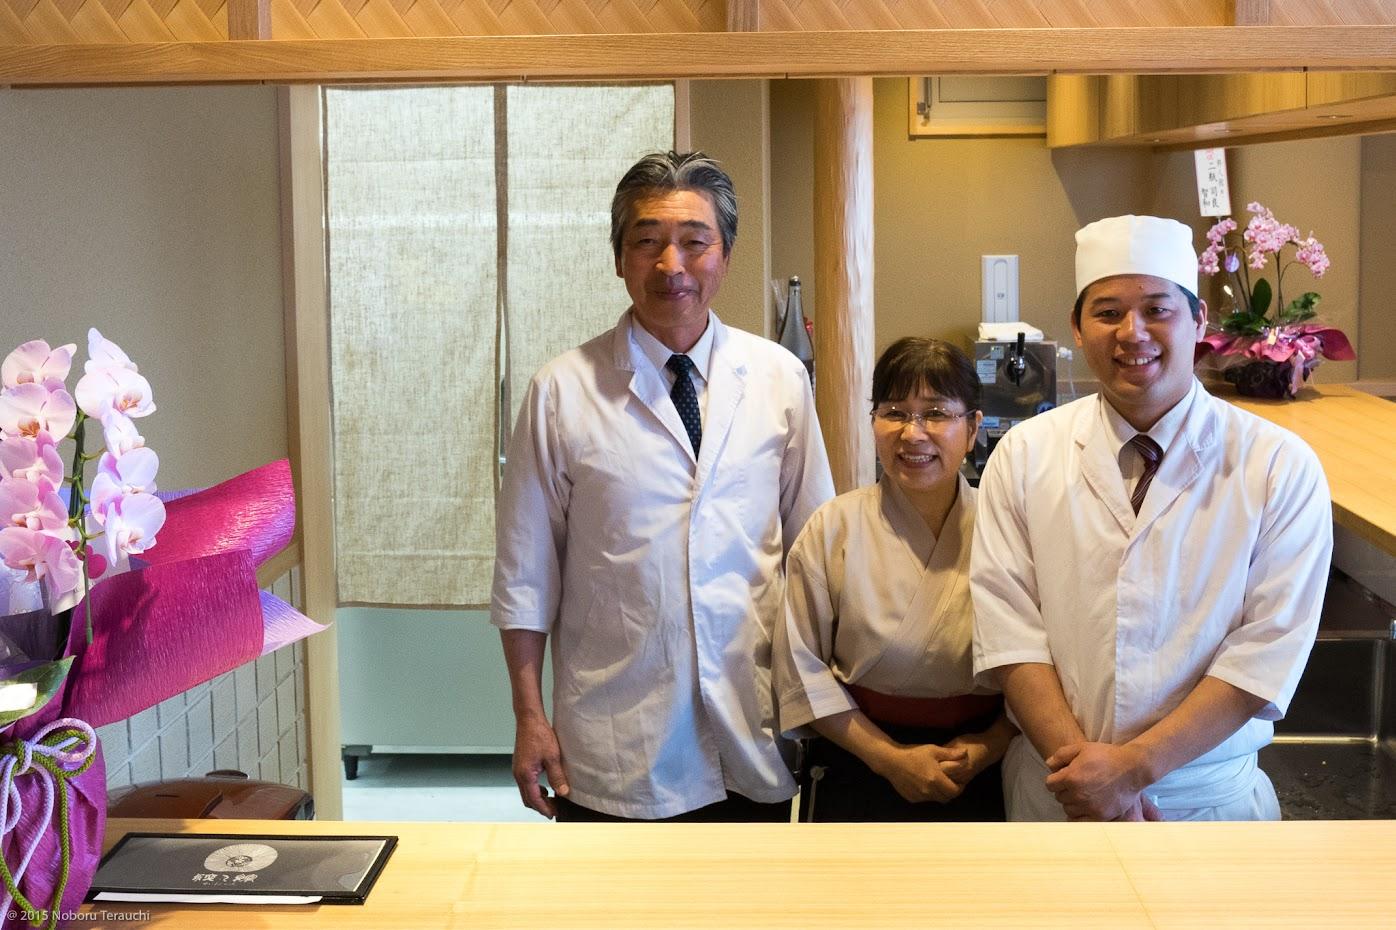 矢部福二郎社長、奥様・眞美江さん、塩谷直也料理長、素敵な笑顔のお三方